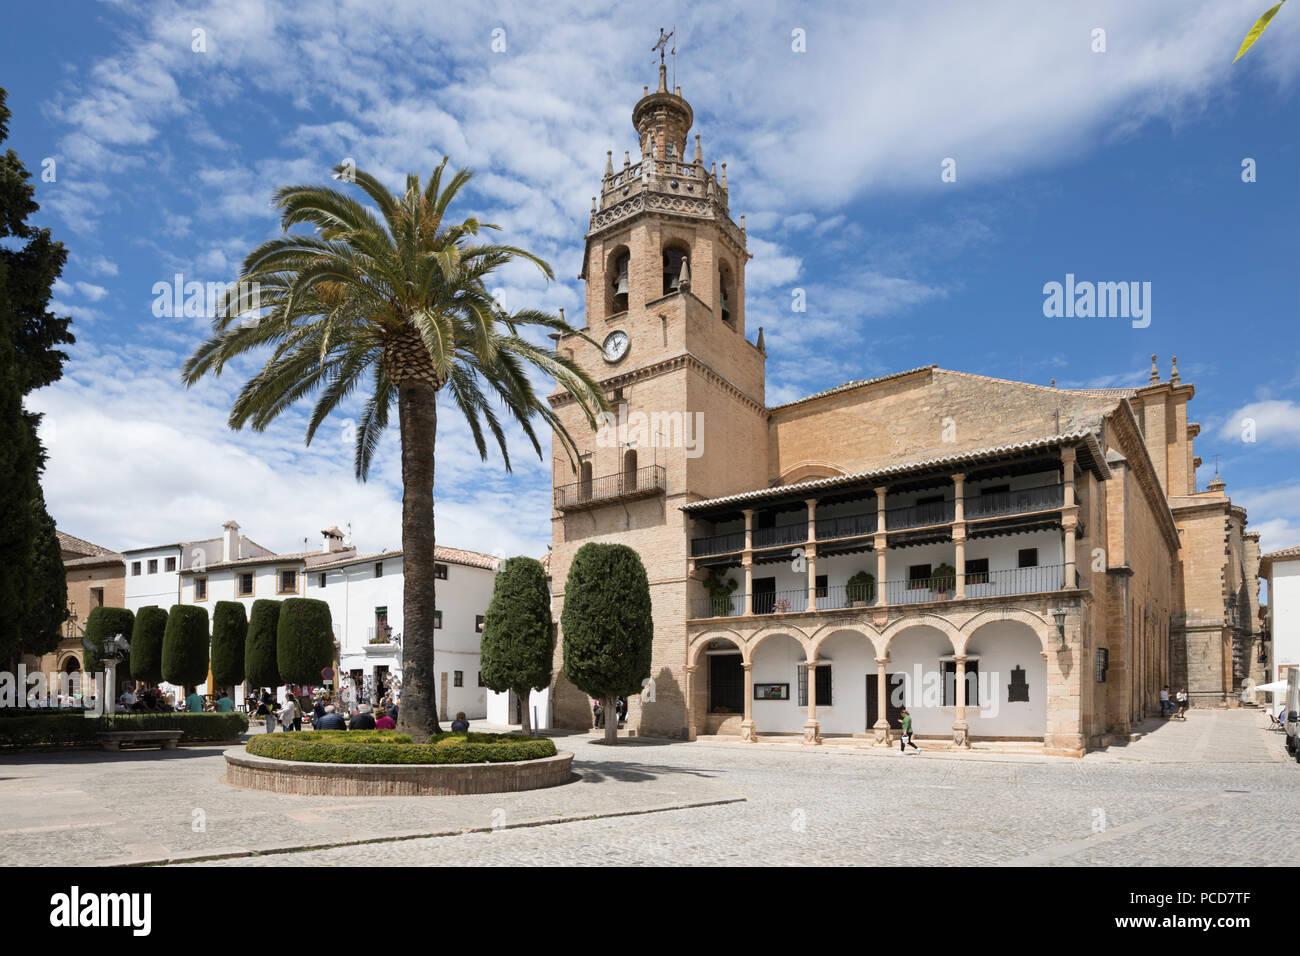 Iglesia de Santa María la Mayor en la Plaza Duquesa de Parcent (Plaza del Ayuntamiento), Ronda, Andalucia, España, Europa Imagen De Stock